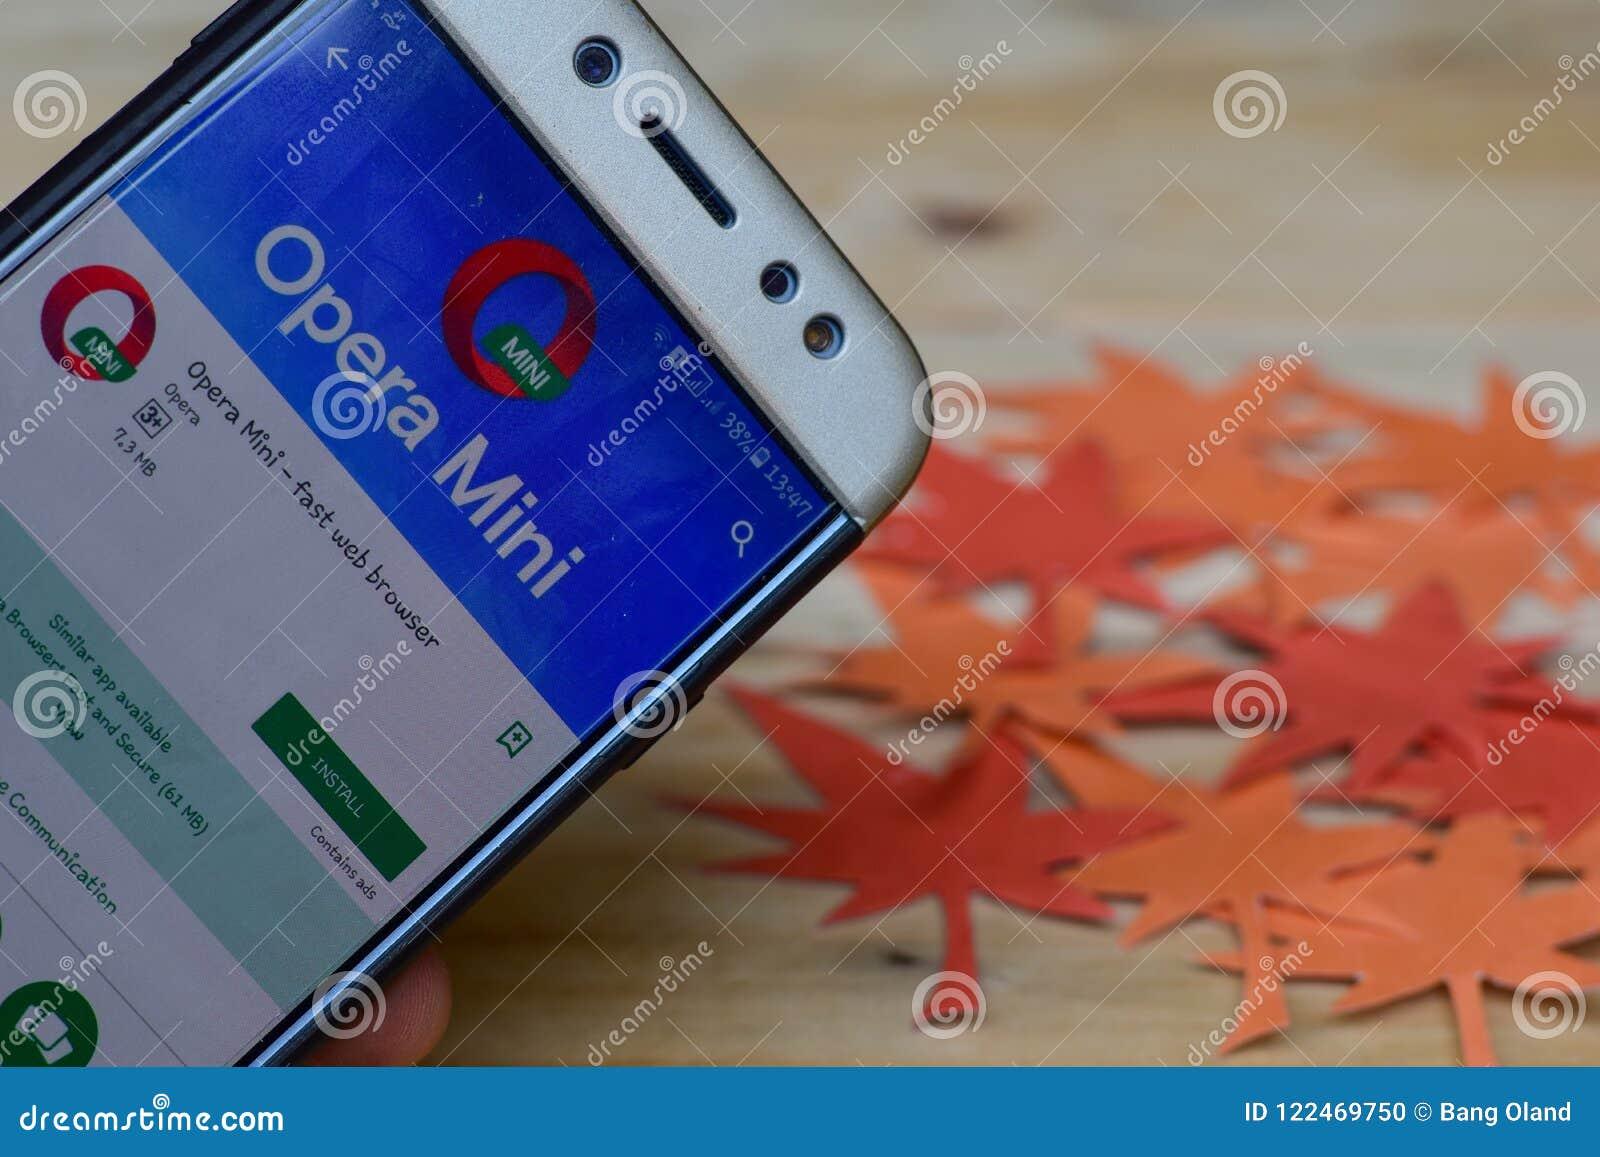 download opera mini 3 for java mobile